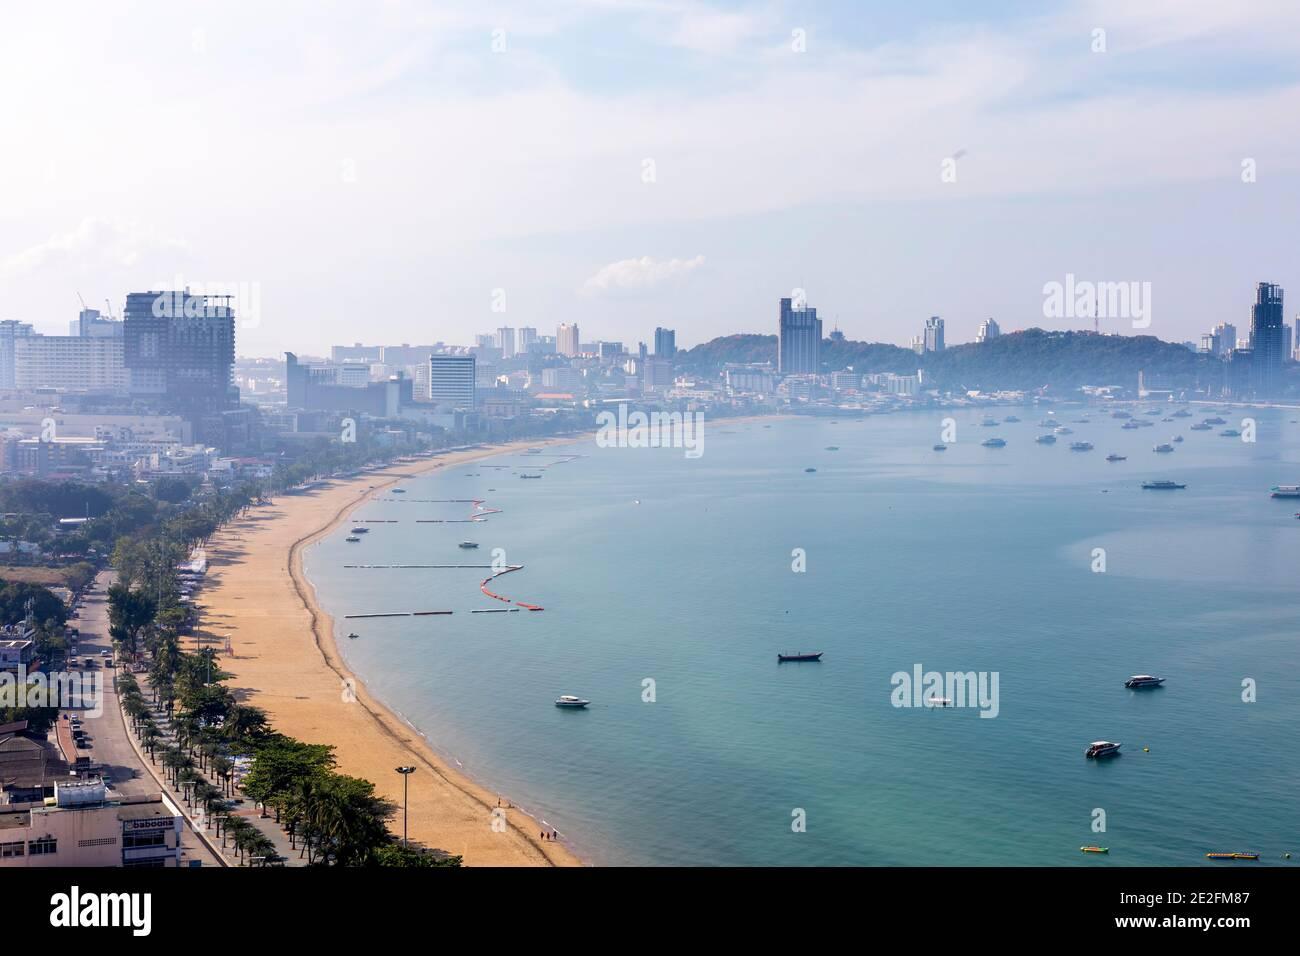 Mattina foschia e inquinamento, Pattaya, Chon Buri, Thailandia Foto Stock